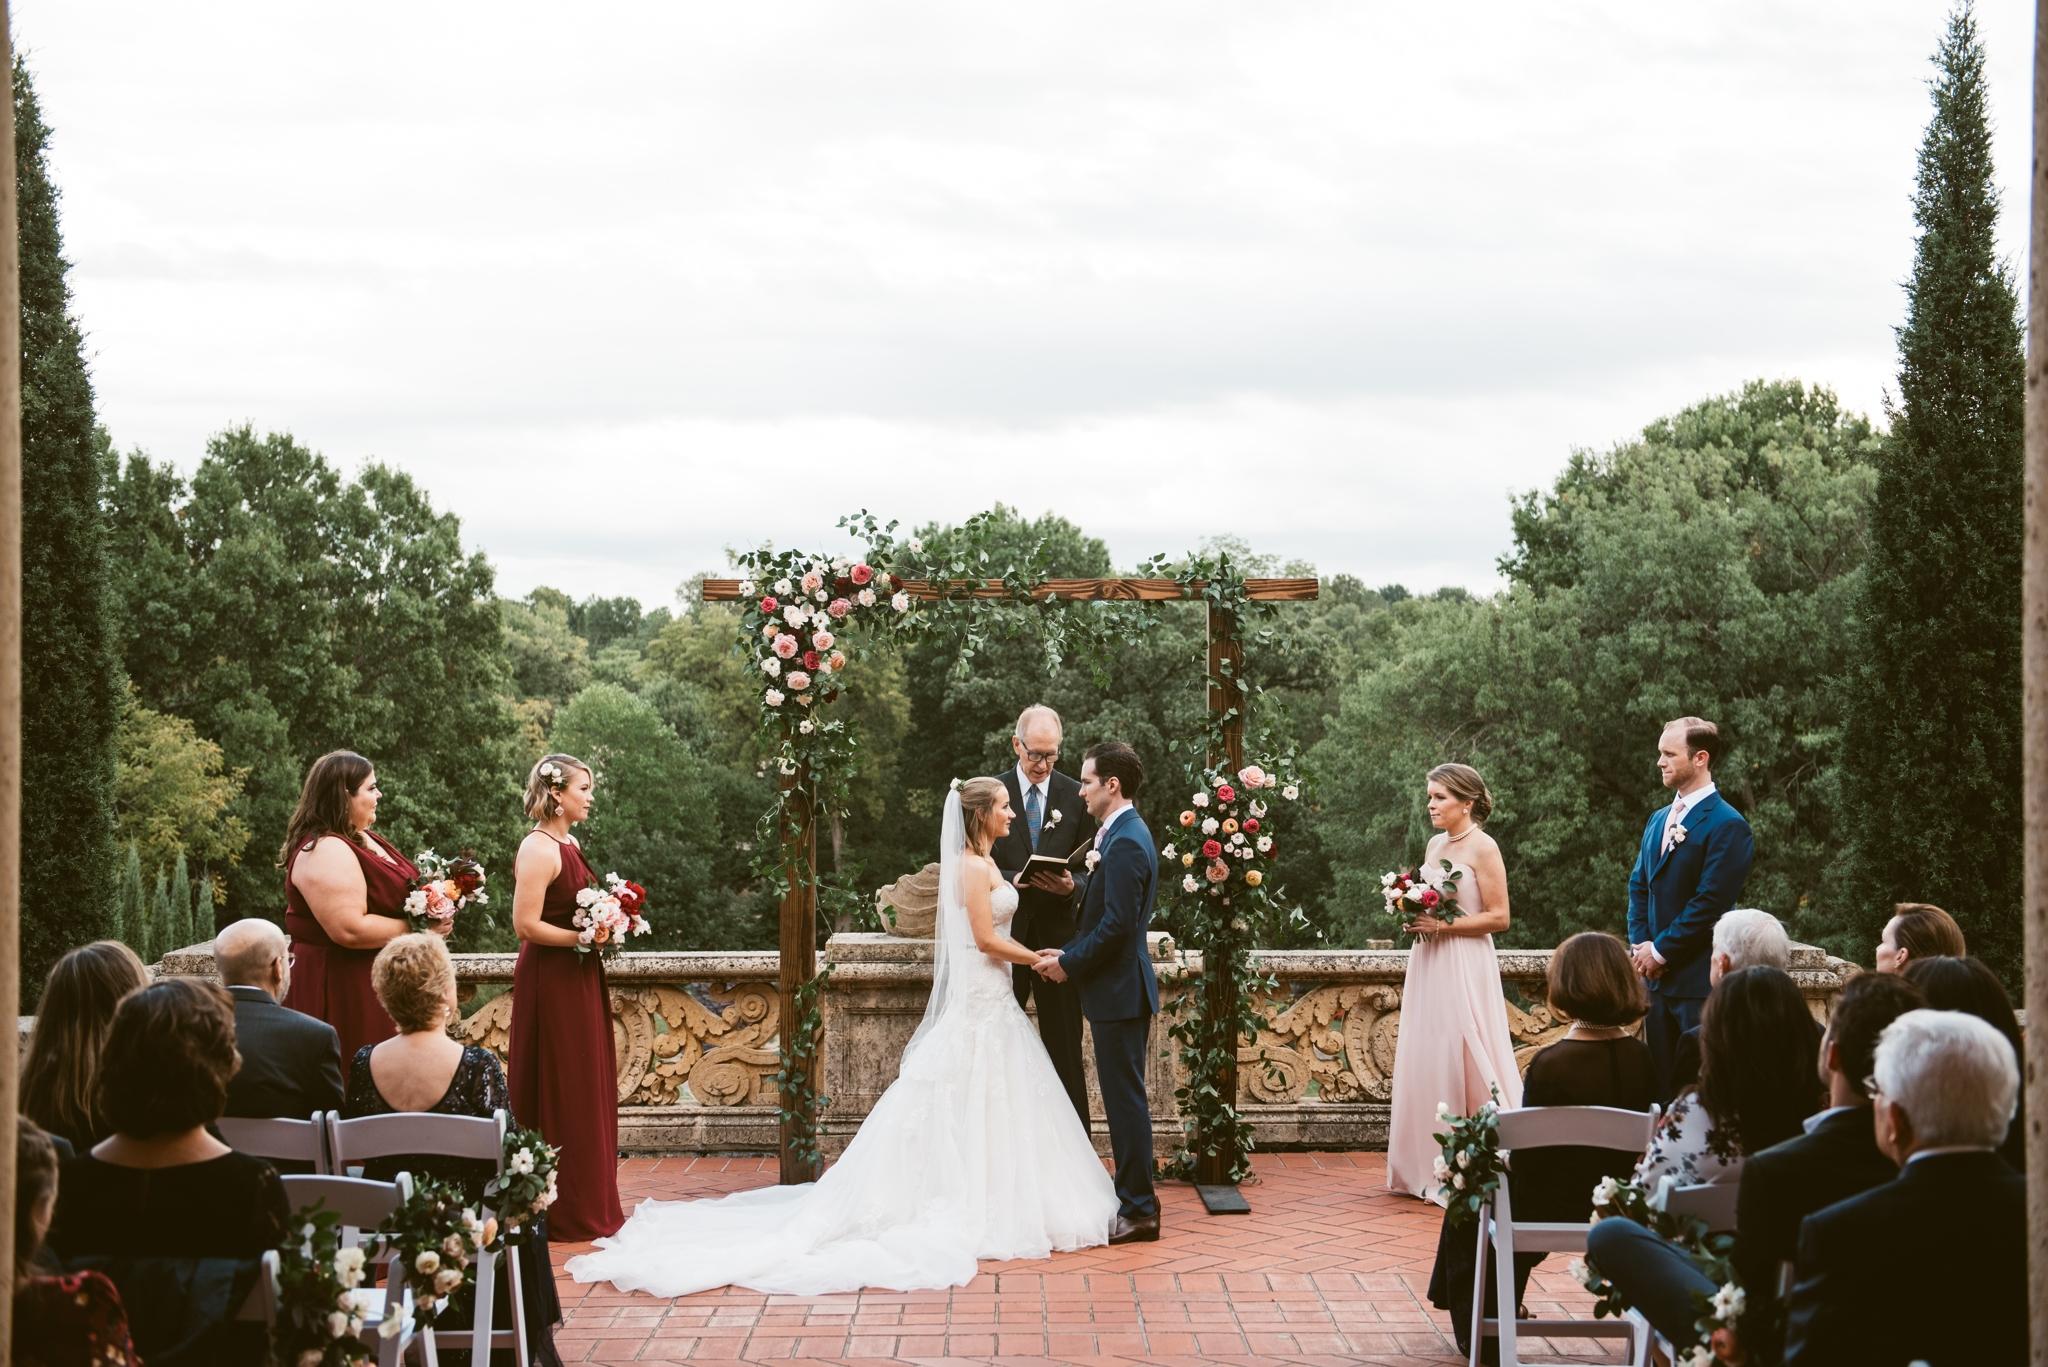 rh_wedding_388.jpg